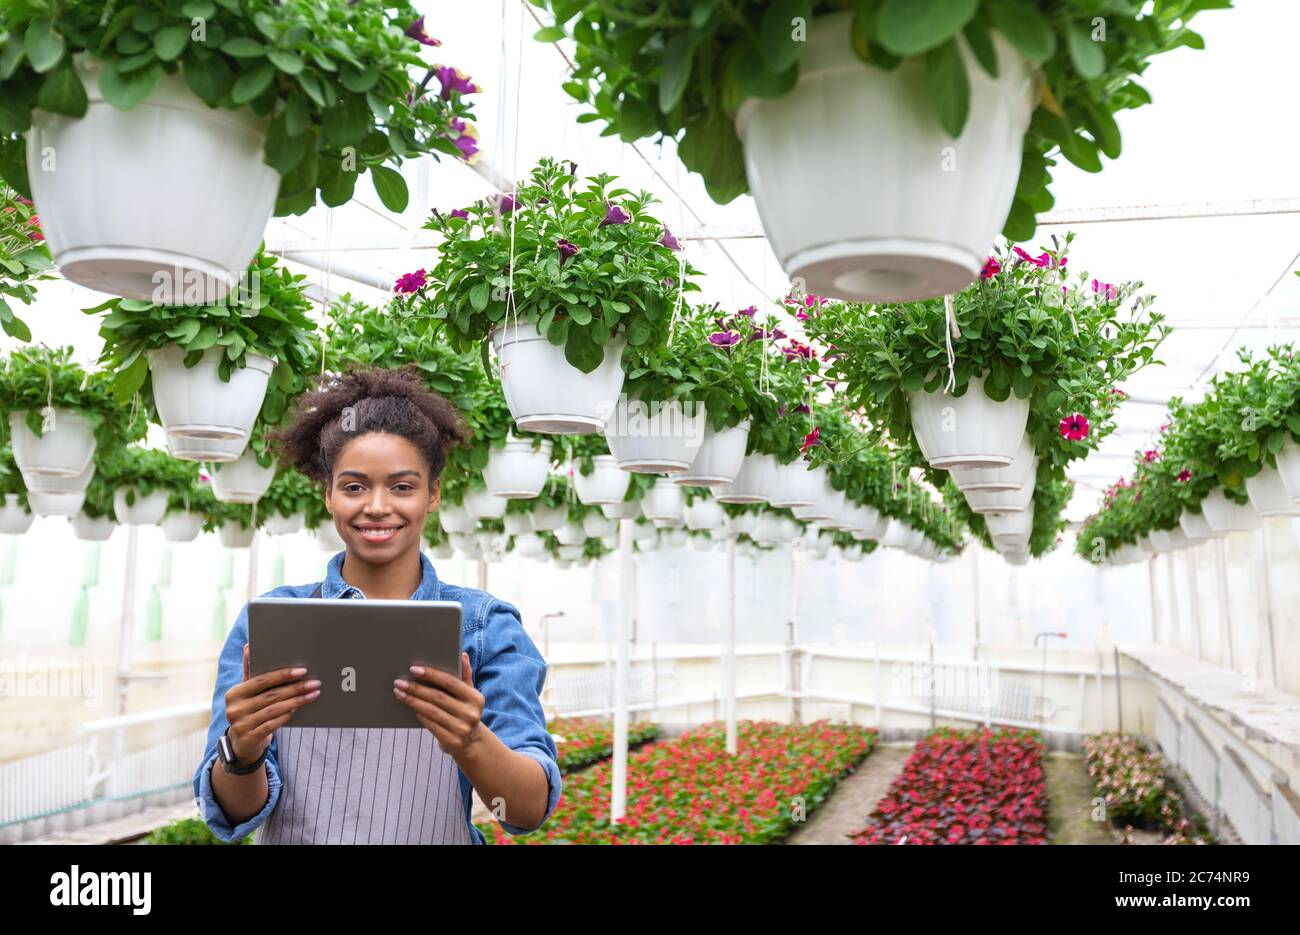 Jardinero y trabajo en invernadero. Chica con tableta digital en las manos, se encuentra en plantación de flores y macetas de plantas colgando del techo Foto de stock